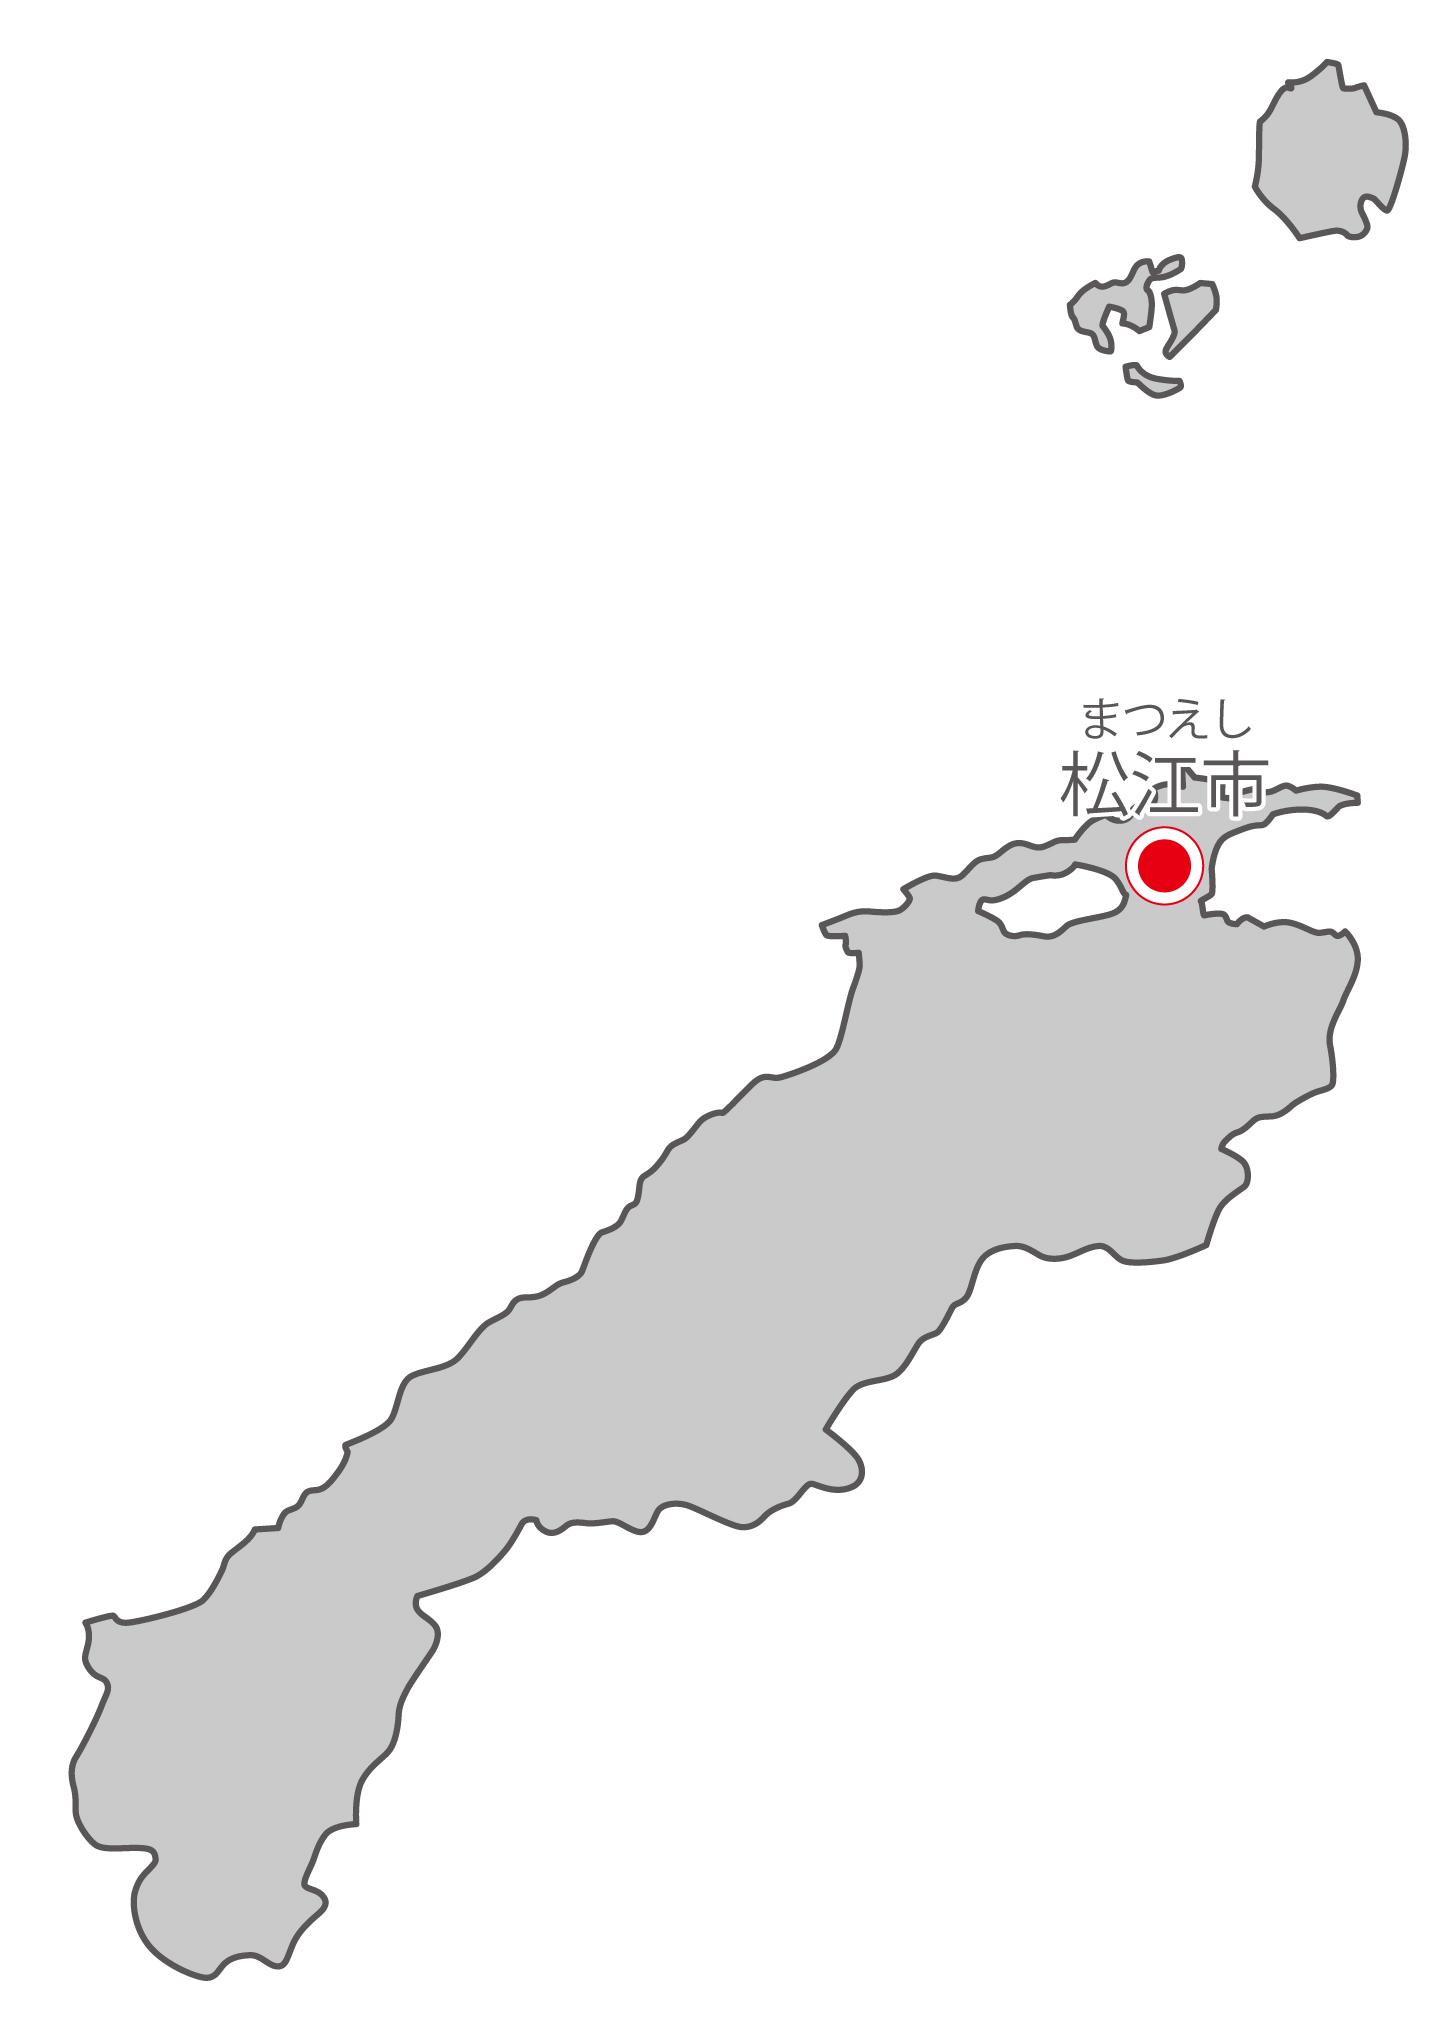 島根県無料フリーイラスト|日本語・県庁所在地あり・ルビあり(グレー)